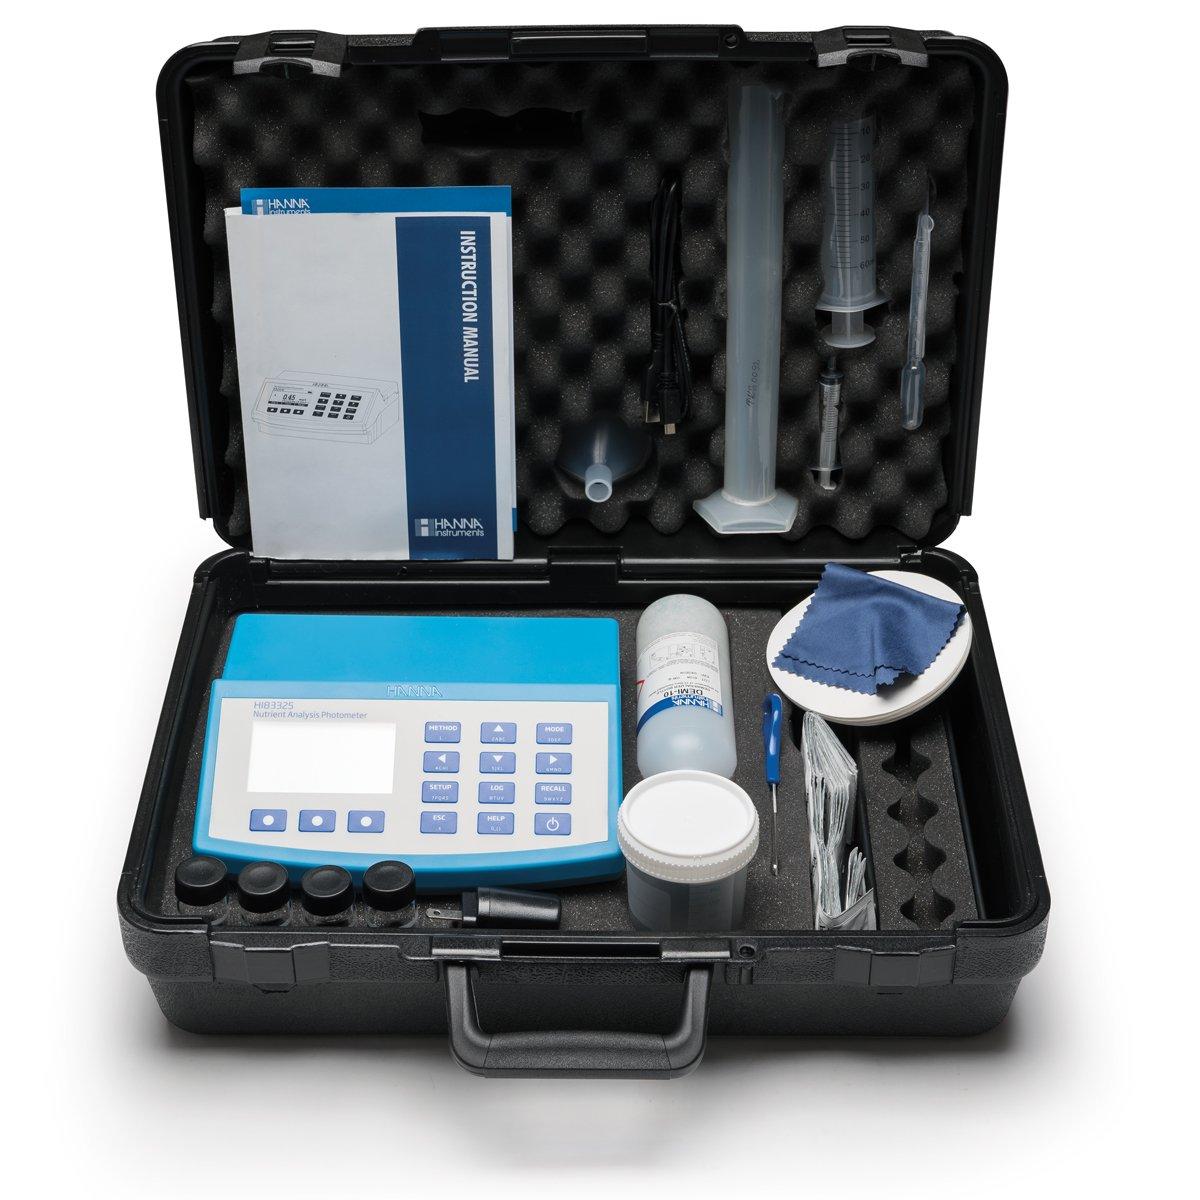 HI83325-in-Case